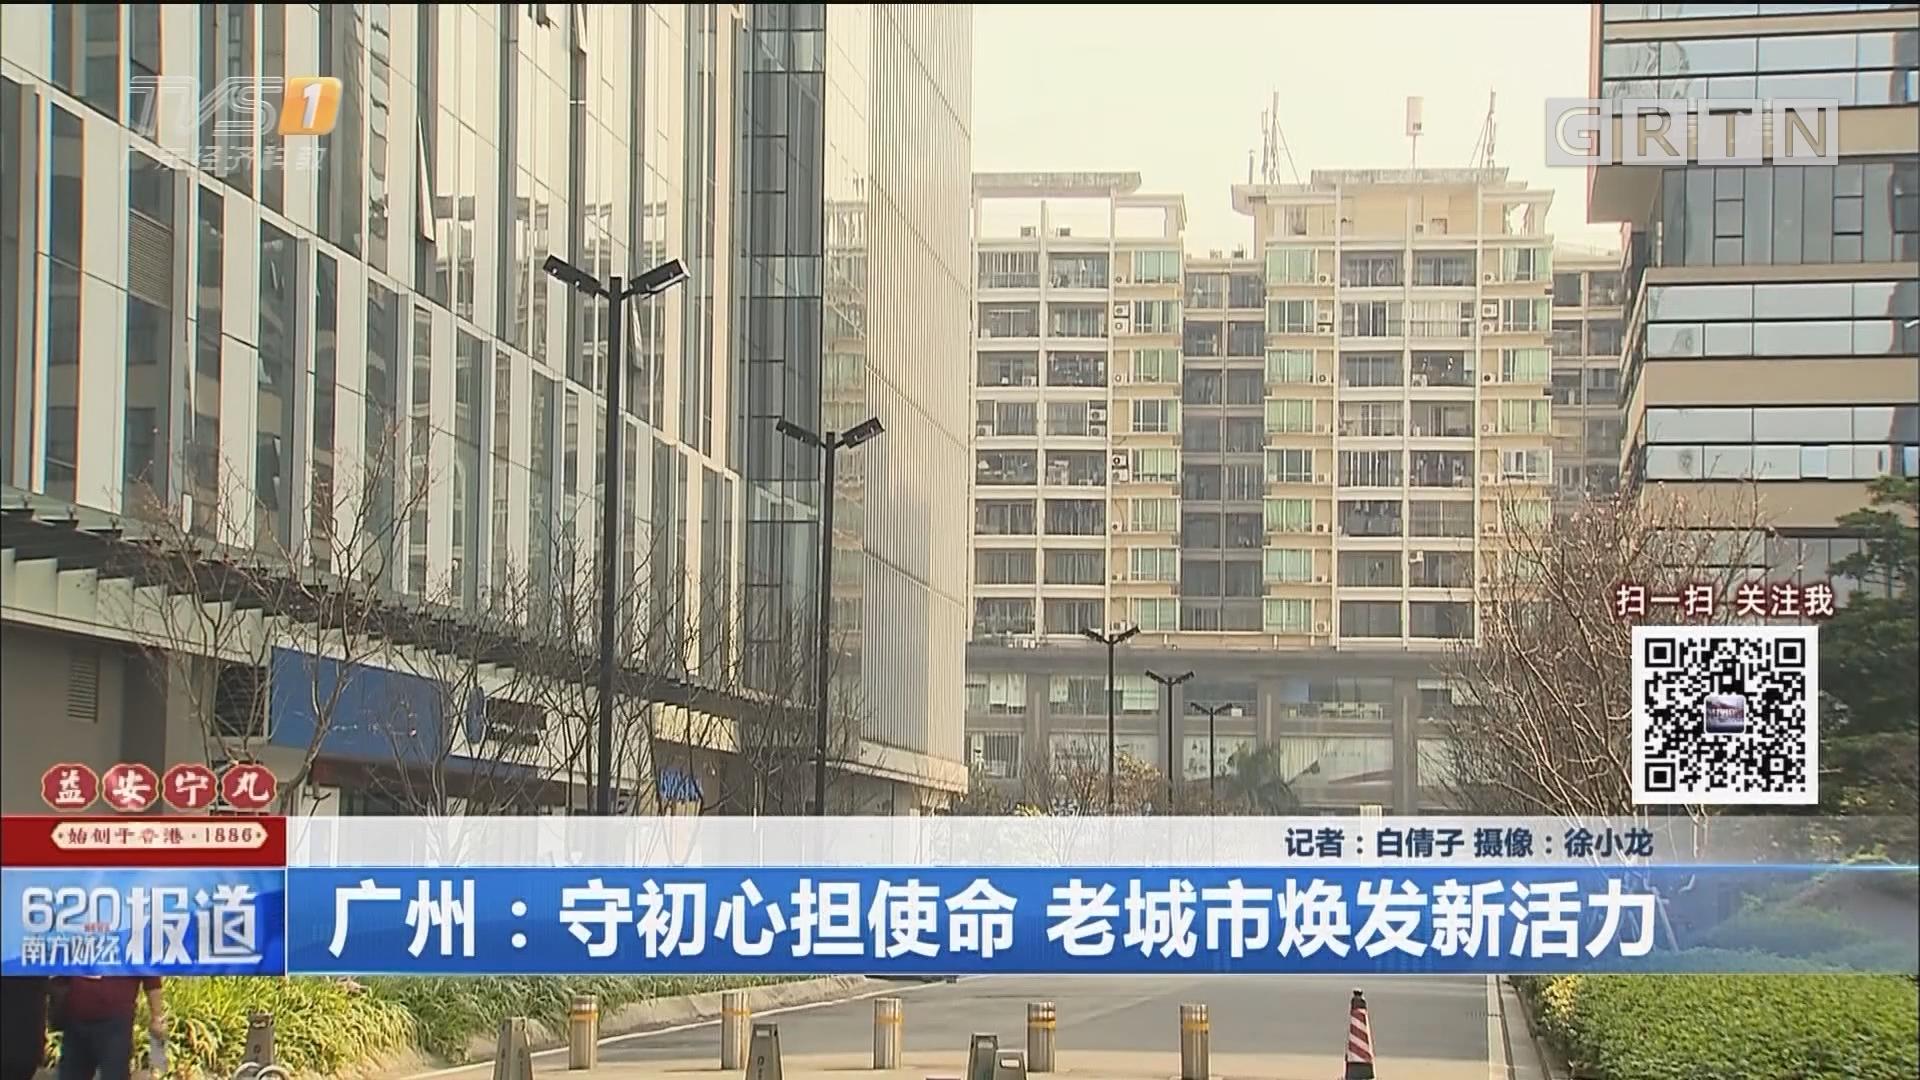 广州:守初心担使命 老城市焕发新活力